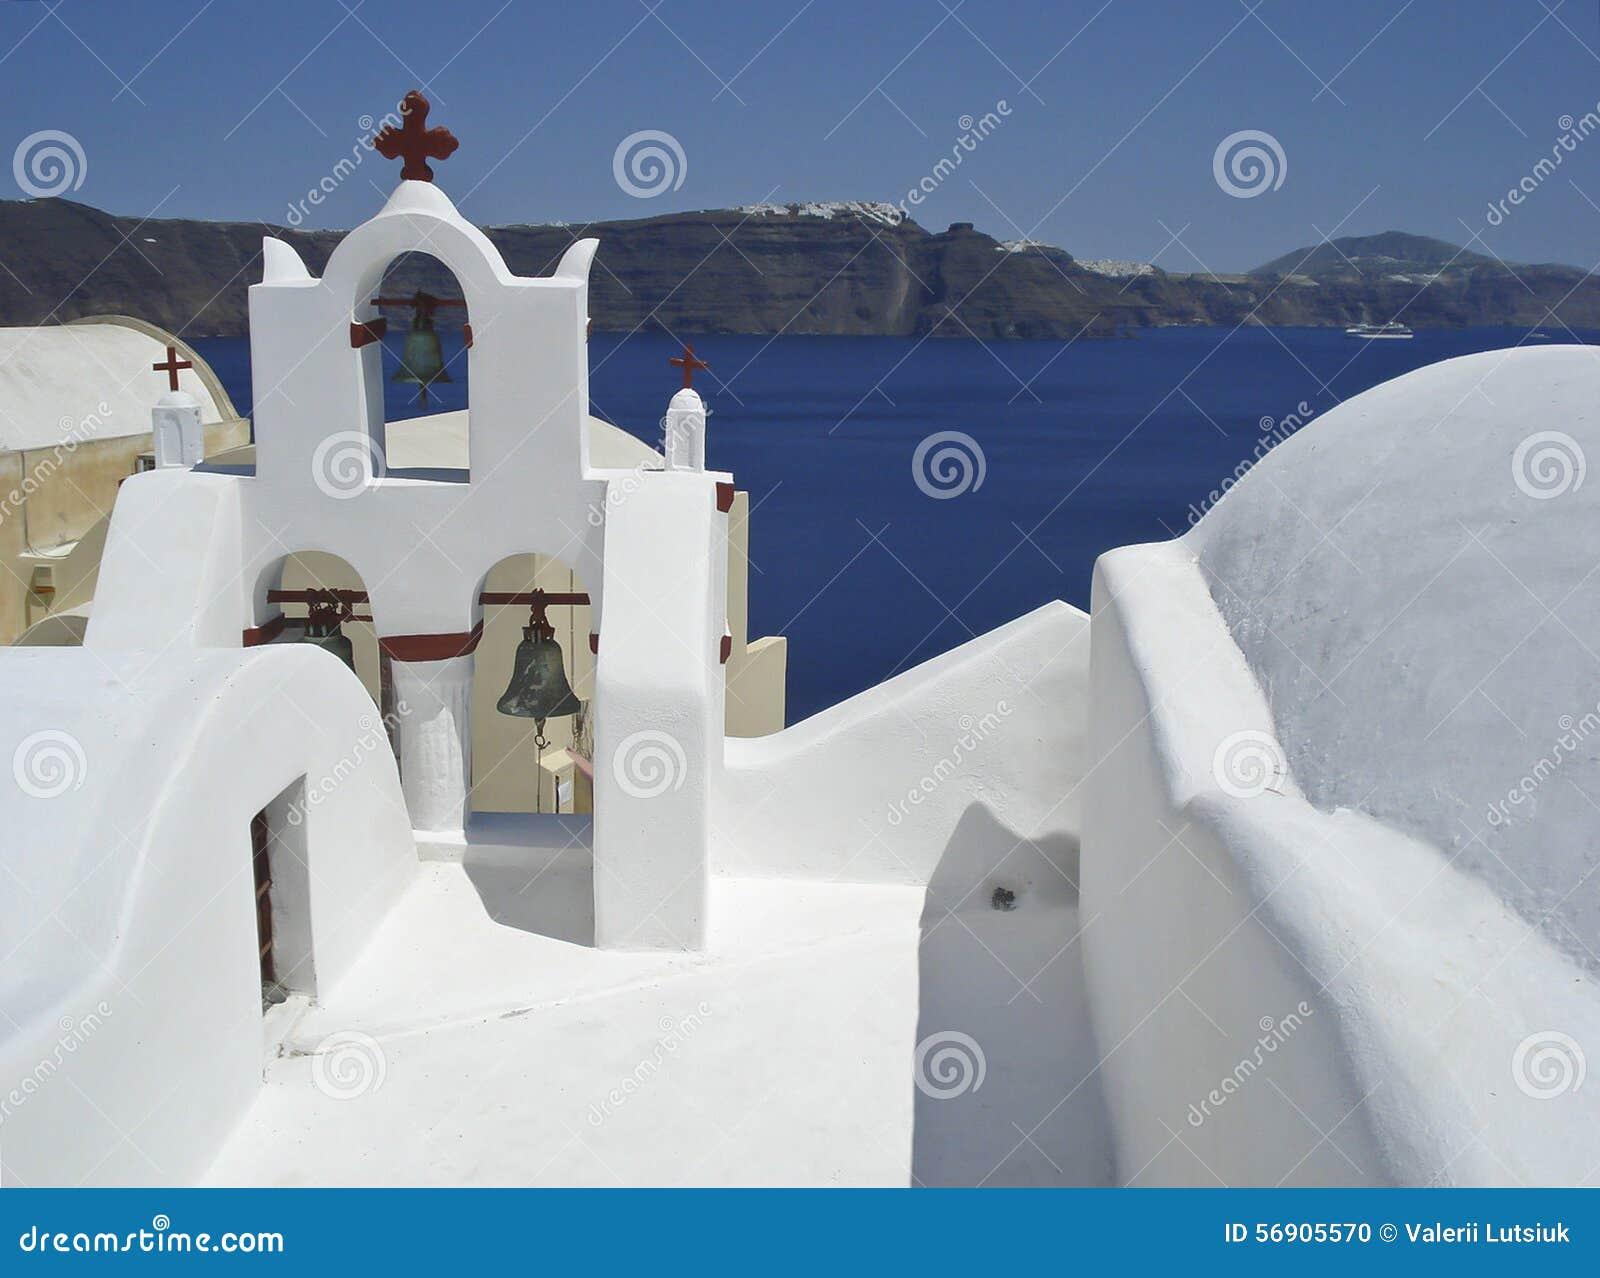 Άσπρο προαύλιο της εκκλησίας σε ένα υπόβαθρο της θάλασσας και του ουρανού (Santorini, Ελλάδα)